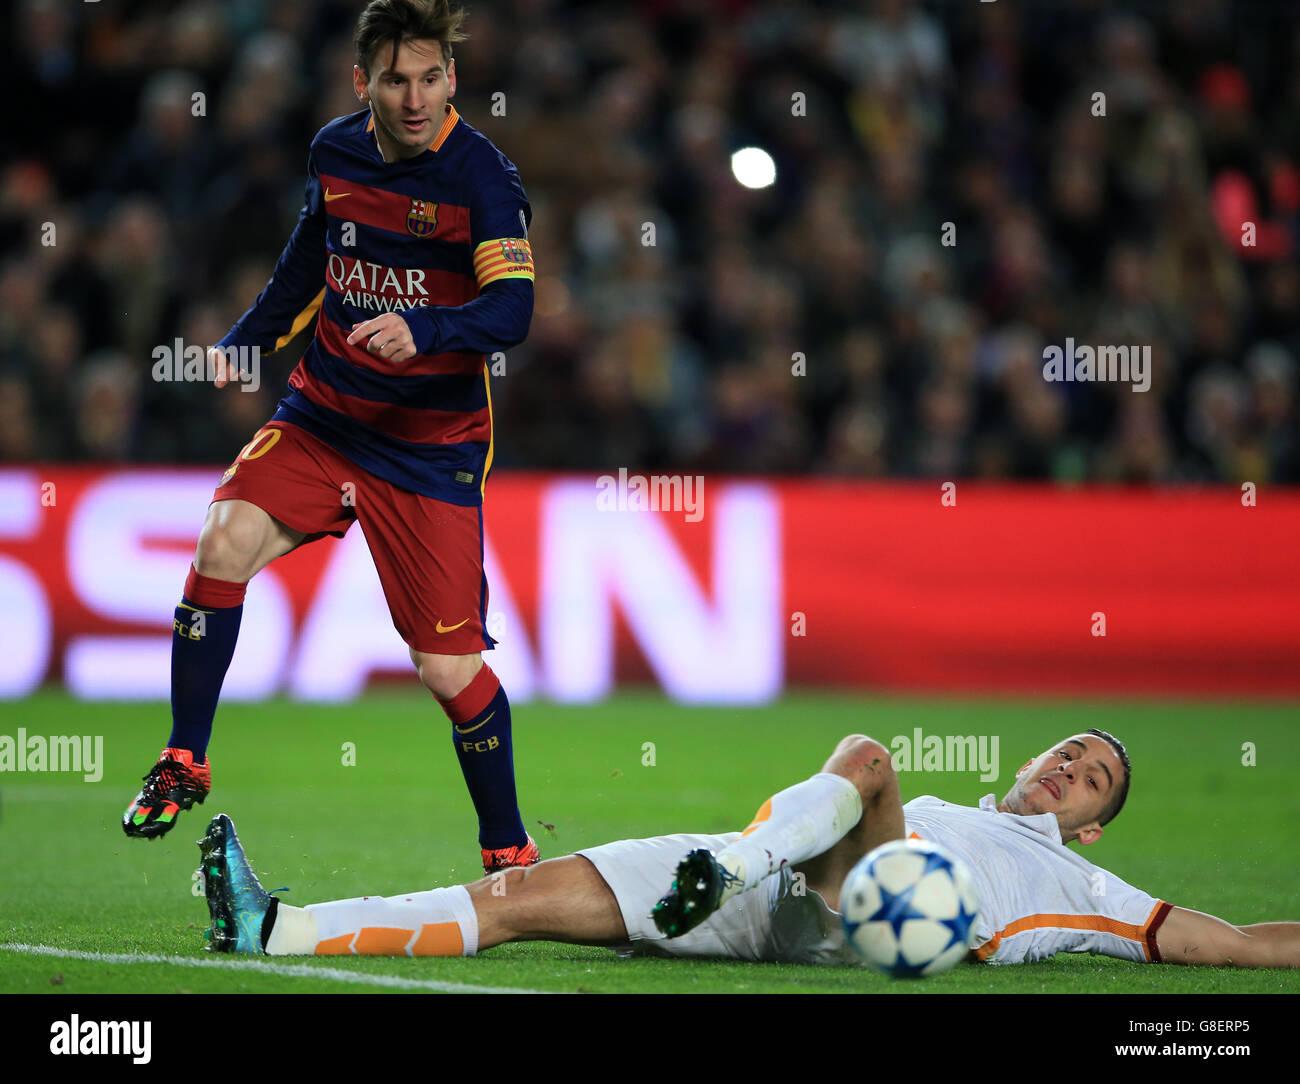 Champions League Roma Vs Barcelona: Lionel Messi Barcelona 2016 Stock Photos & Lionel Messi